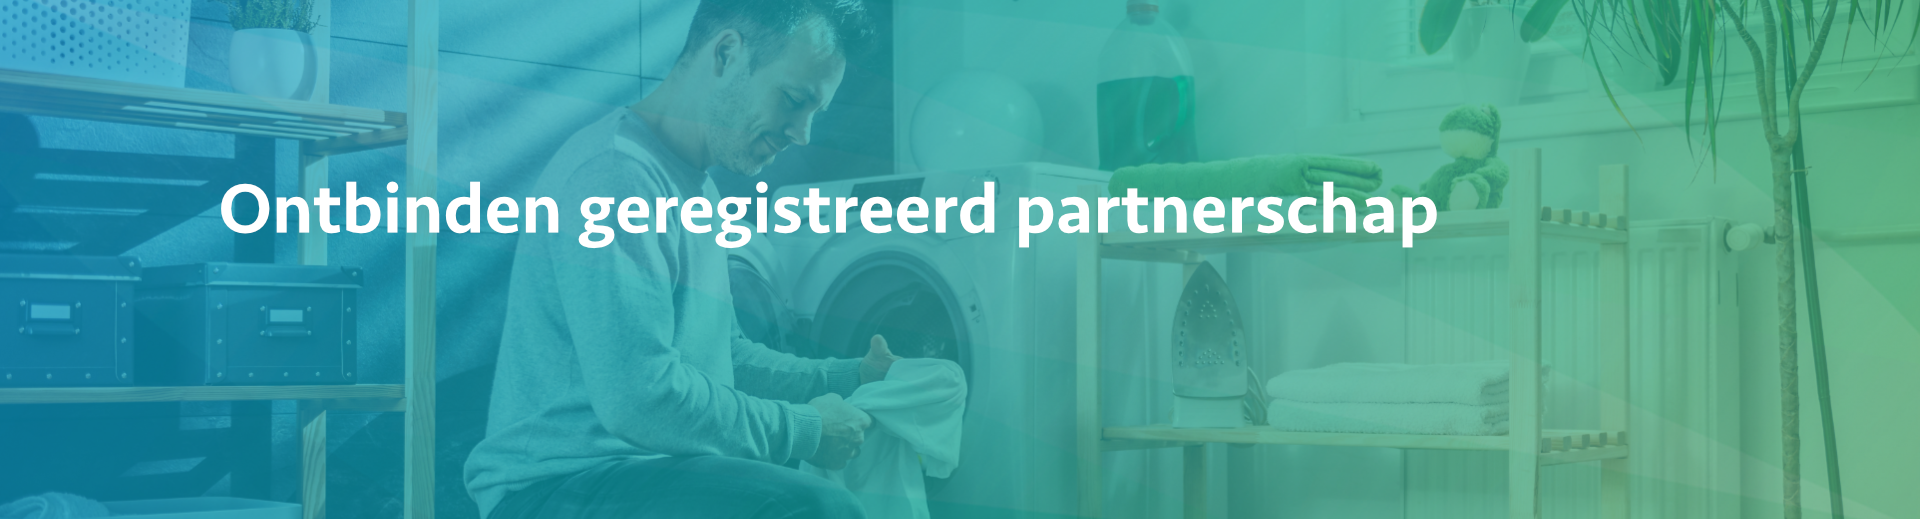 Ontbinden geregistreerd partnerschap - Scheidingsplanner Almelo - Deventer - Nijverdal